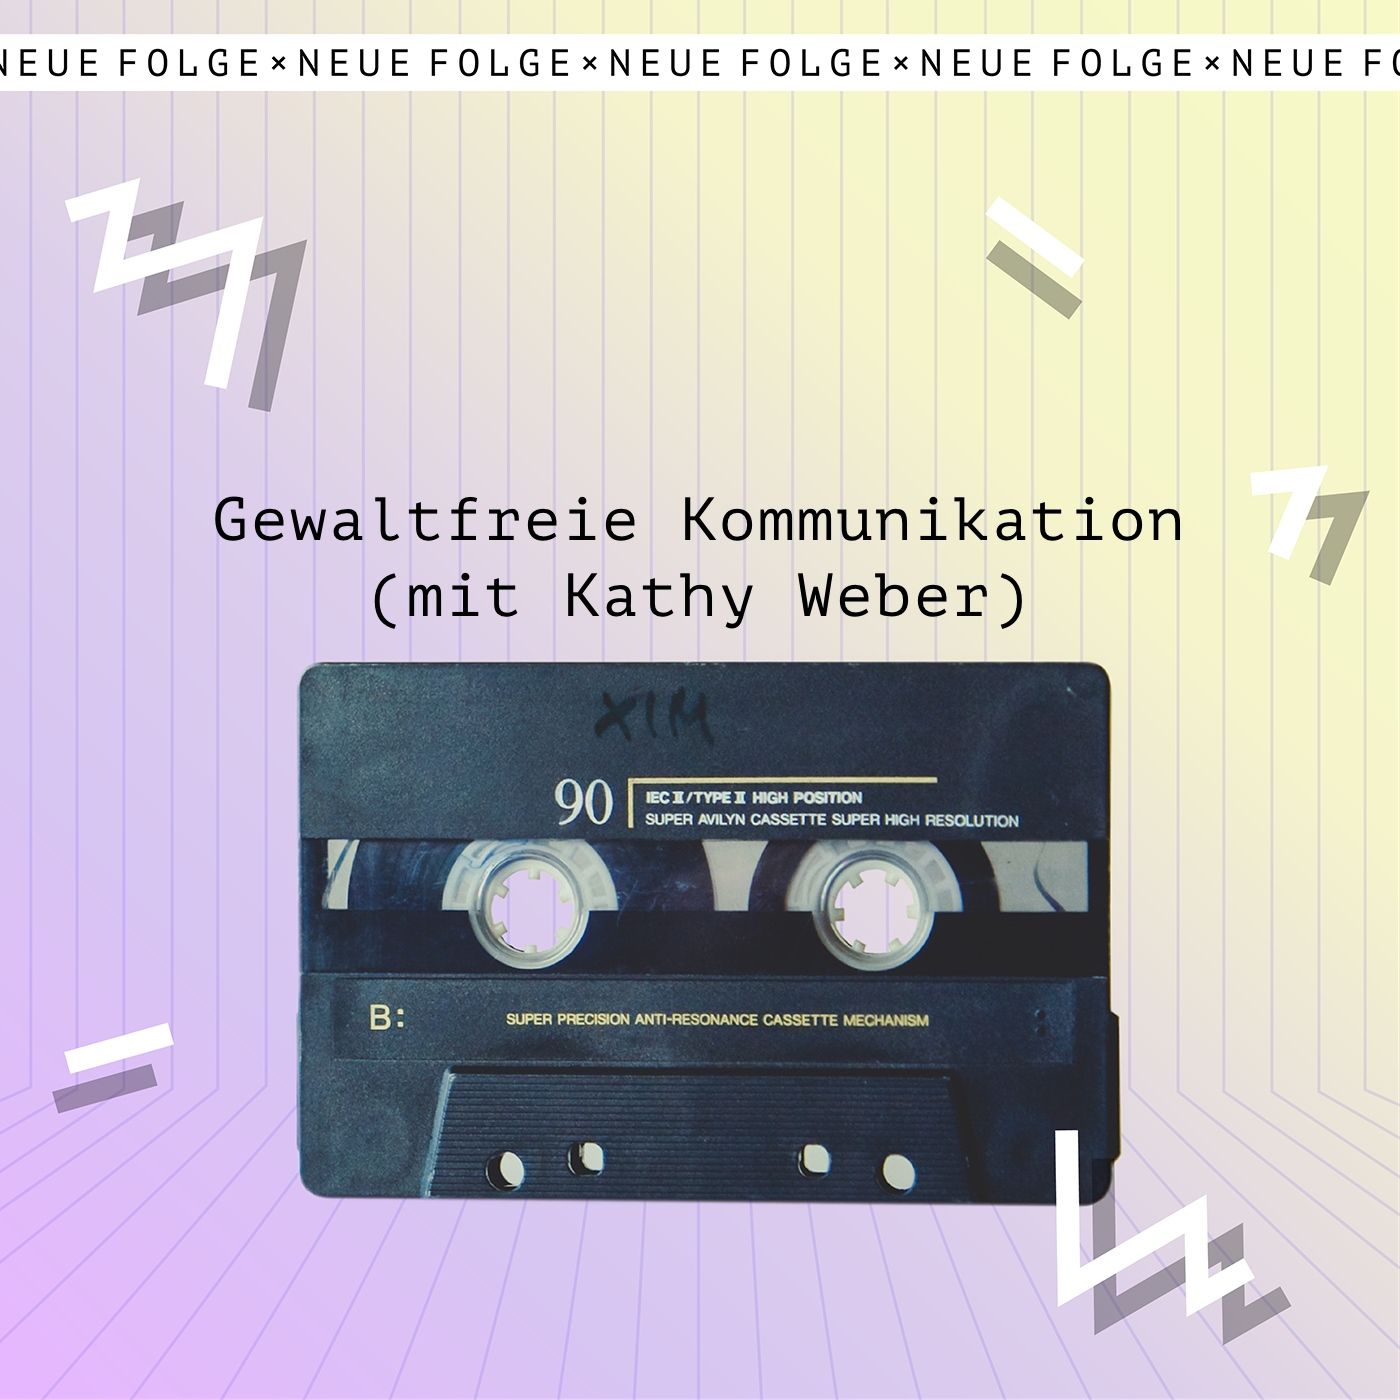 Gewaltfreie Kommunikation (mit Kathy Weber)